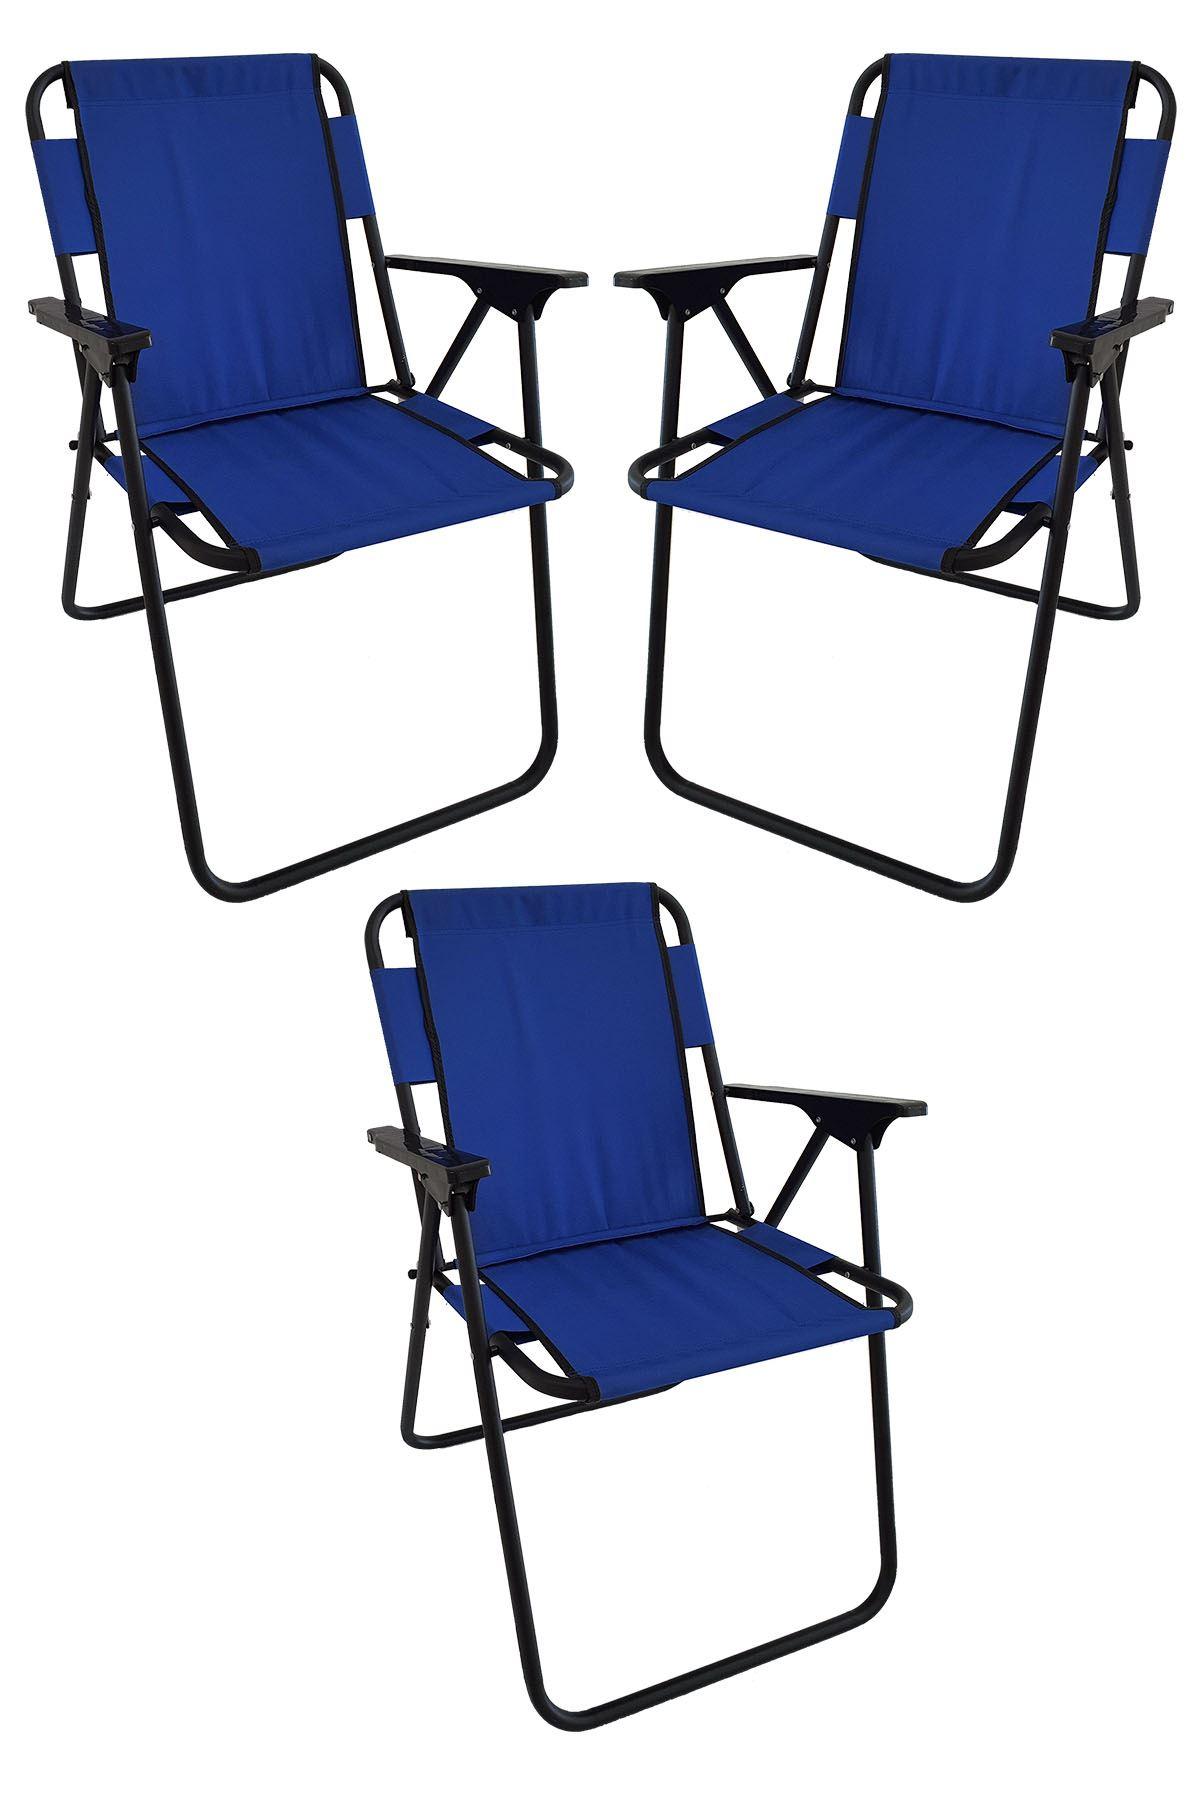 Bofigo 3 Adet Kamp Sandalyesi Katlanır Sandalye Piknik Sandalyesi Plaj Sandalyesi Mavi